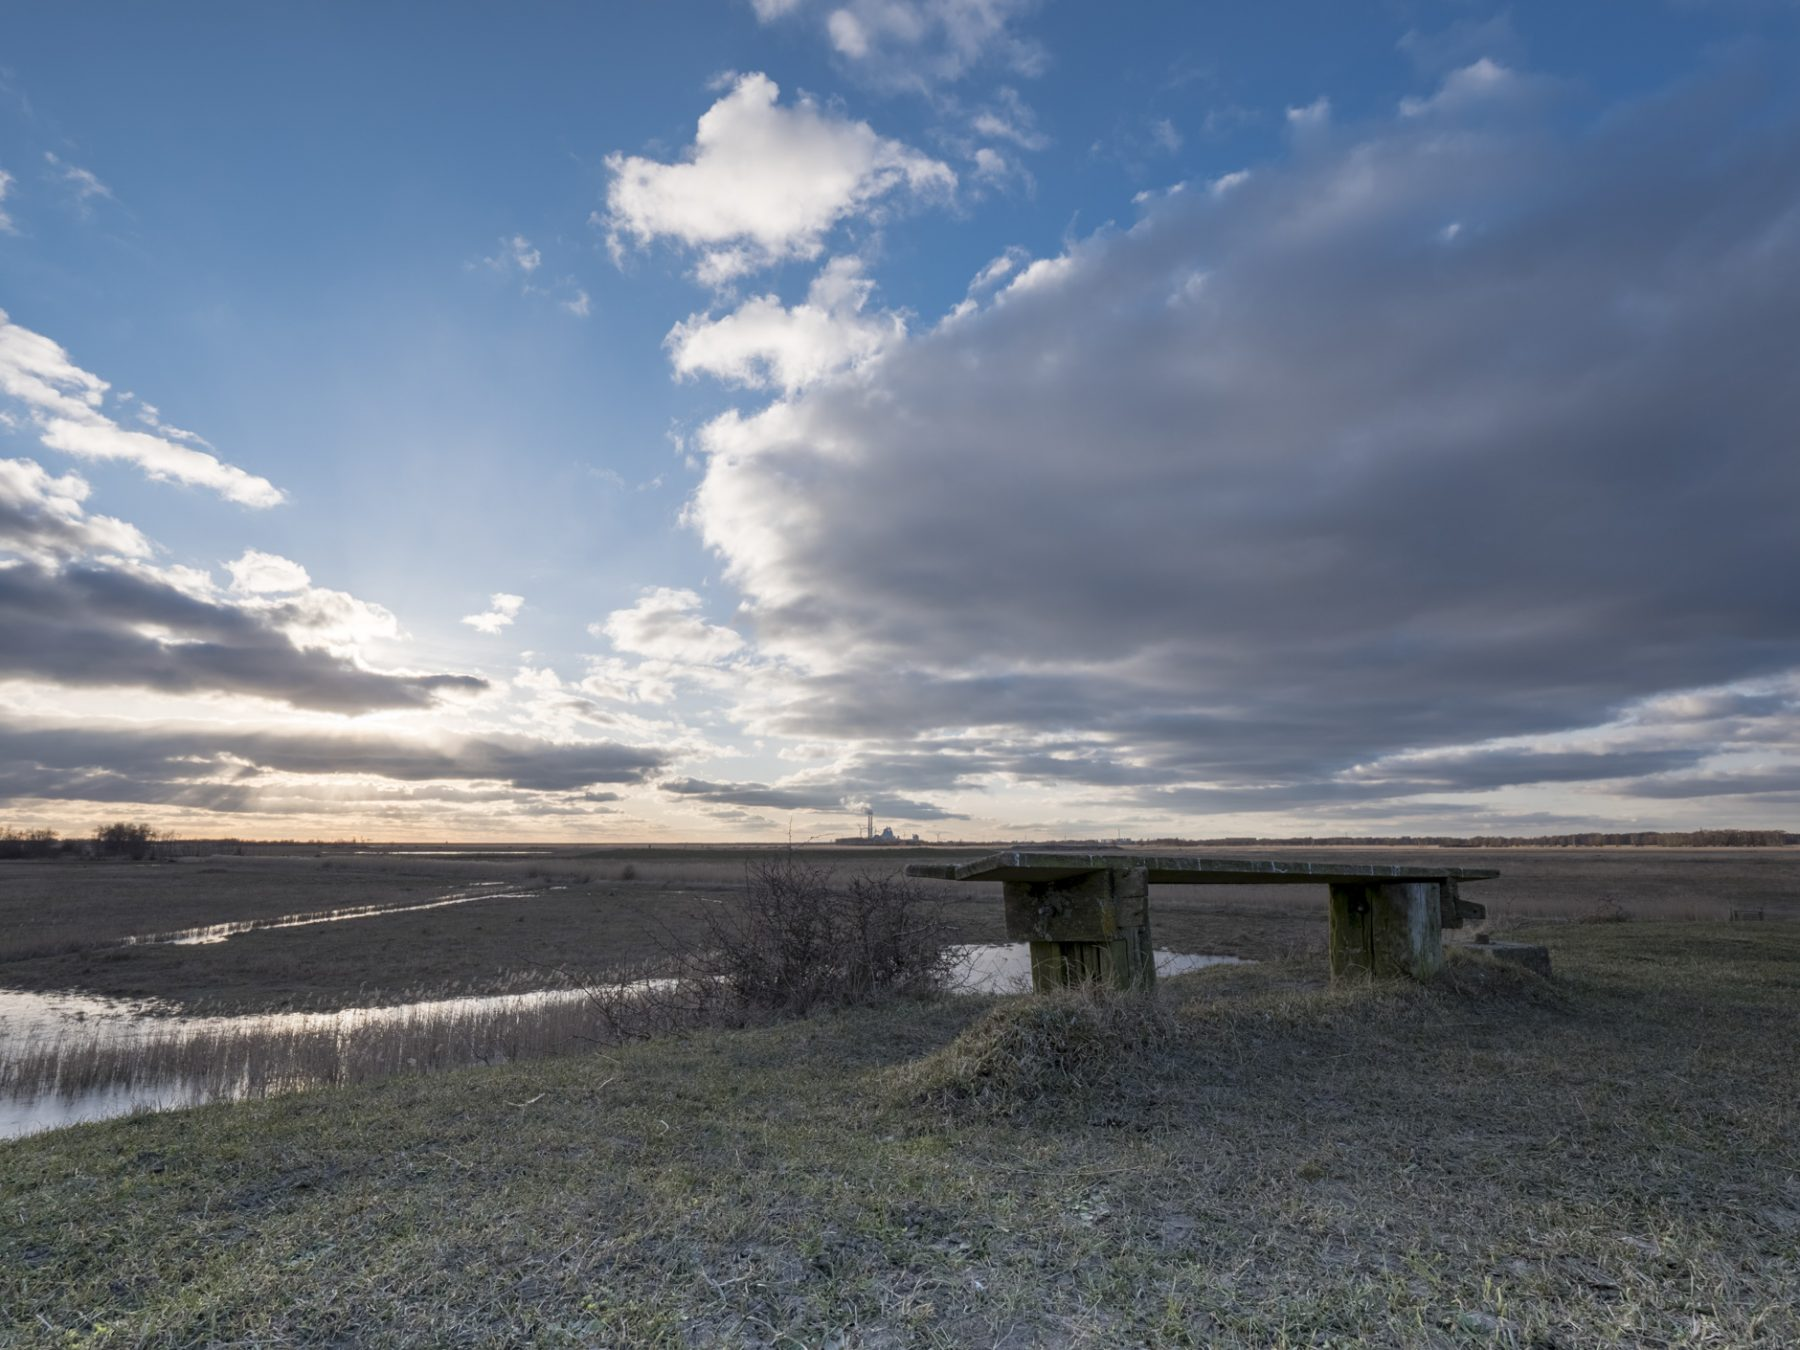 Landskabsfotografering: Kalvebod Fælled - en bænk på et stille sted